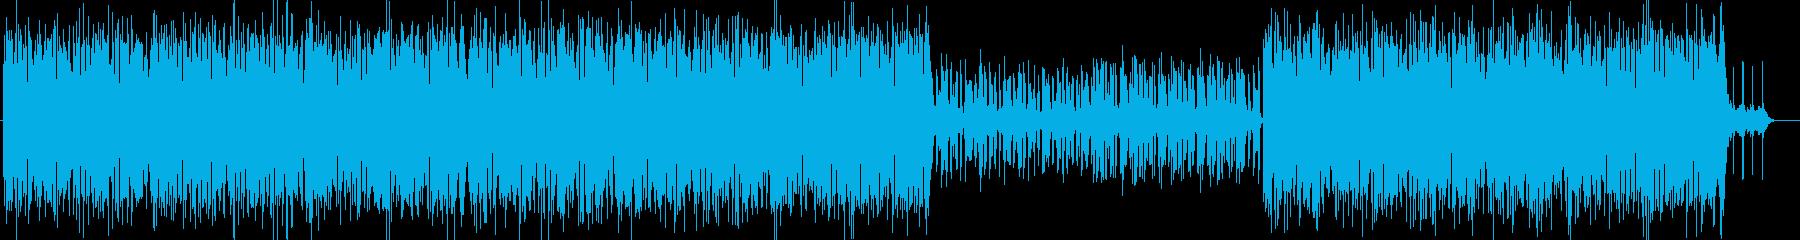 わんぱく南洋探検トロピカルハウスの再生済みの波形